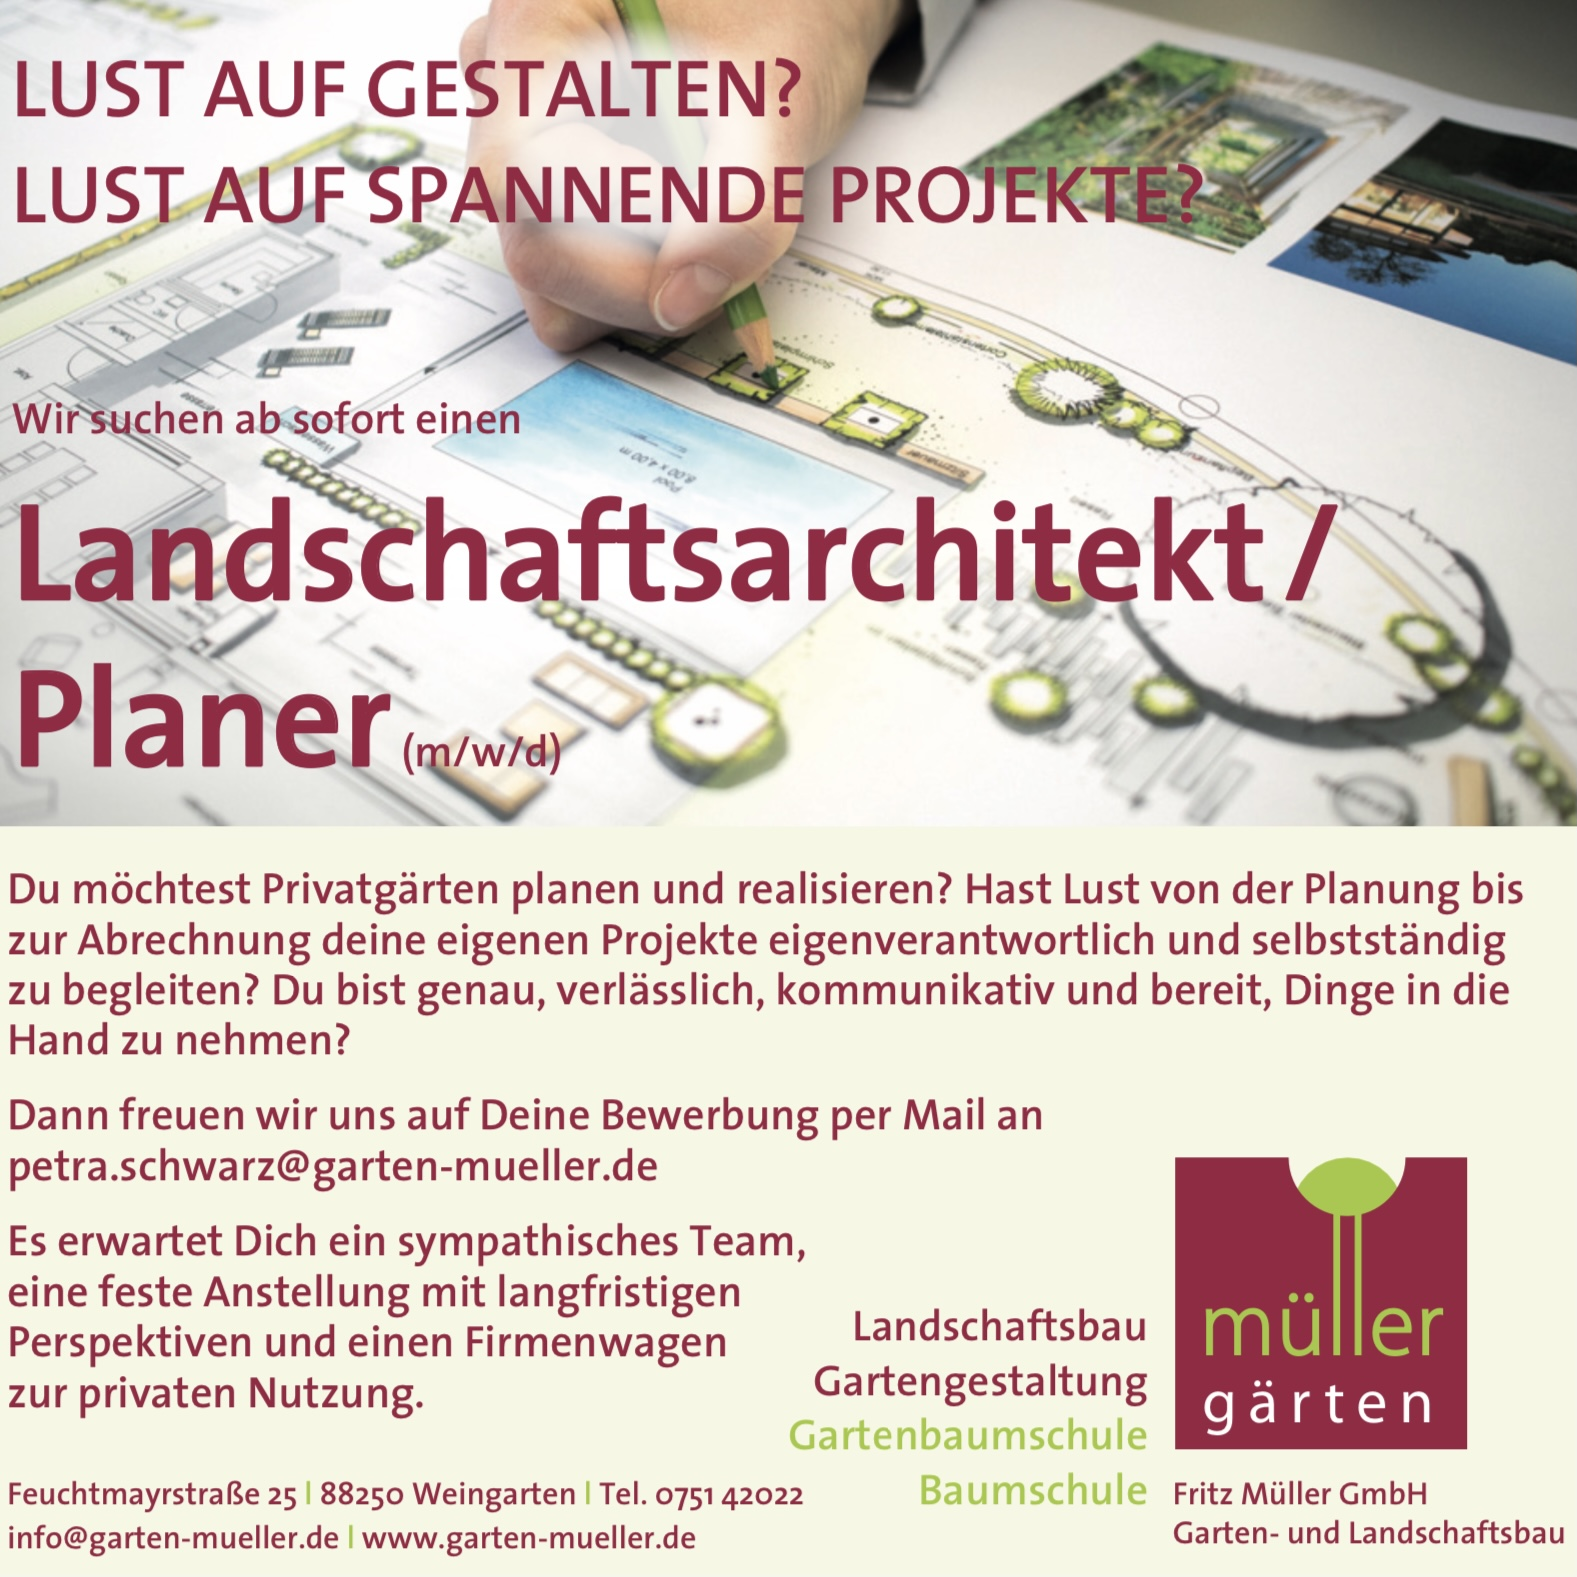 Stellenanzeige Landschaftsarchitekt:Planer (m:w:d)